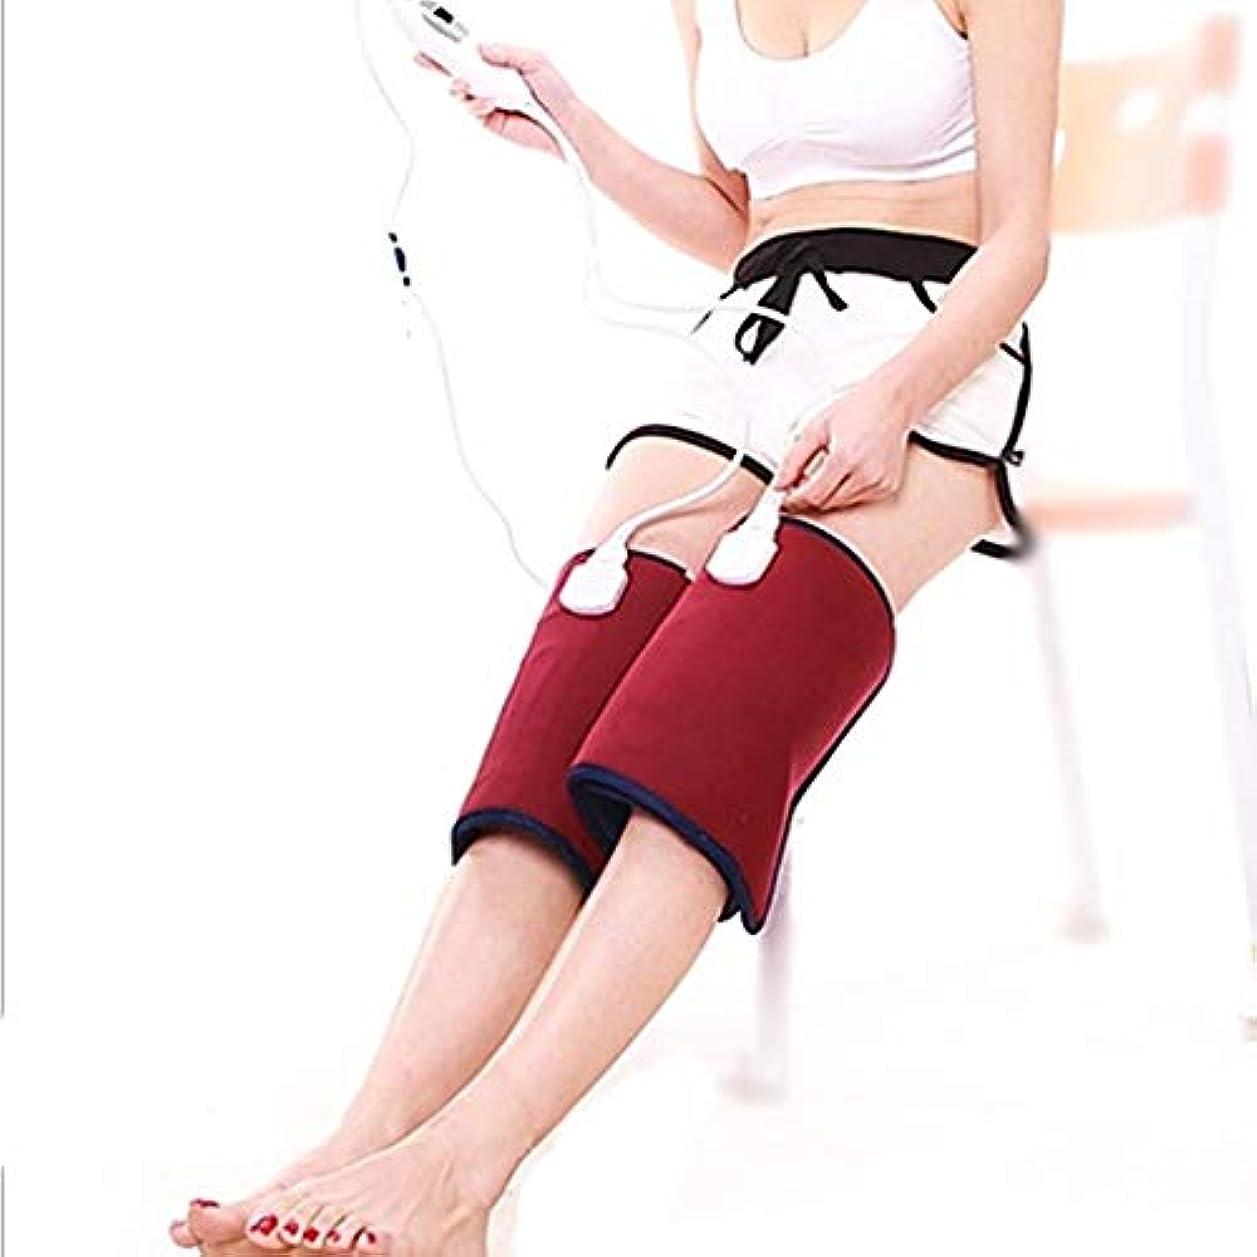 チャネル変色するタールレッグマッサージャー、6つの温度調整速度、自動電源オフおよび加熱機能を備えた加熱式膝治療装置、在宅勤務で使用可能